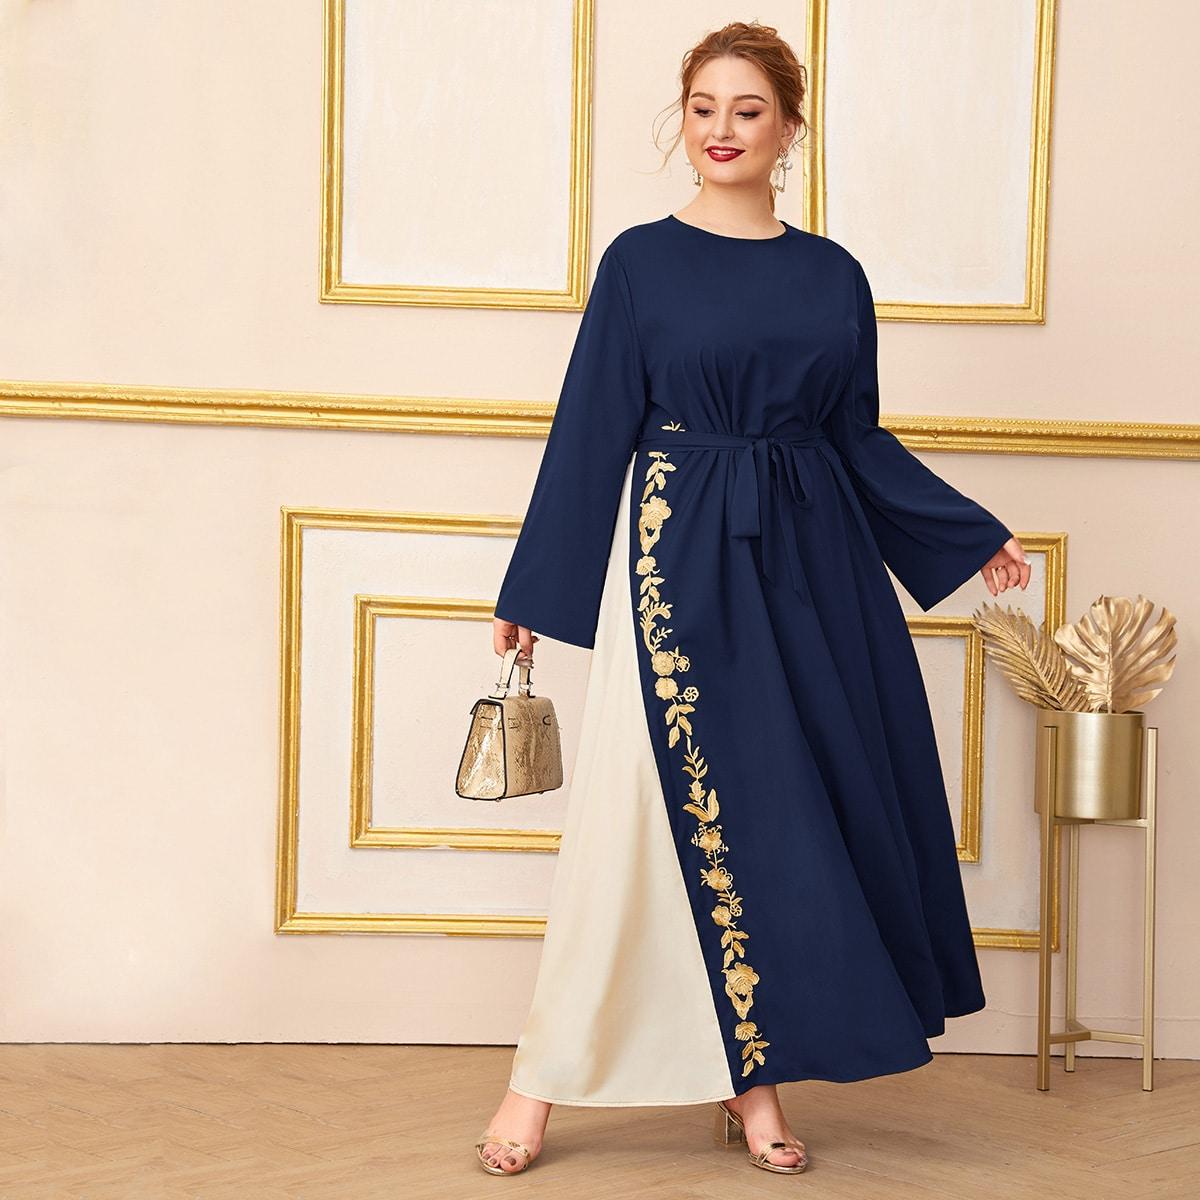 Übergroßes Kleid mit Selbstgürtel und Stickereien